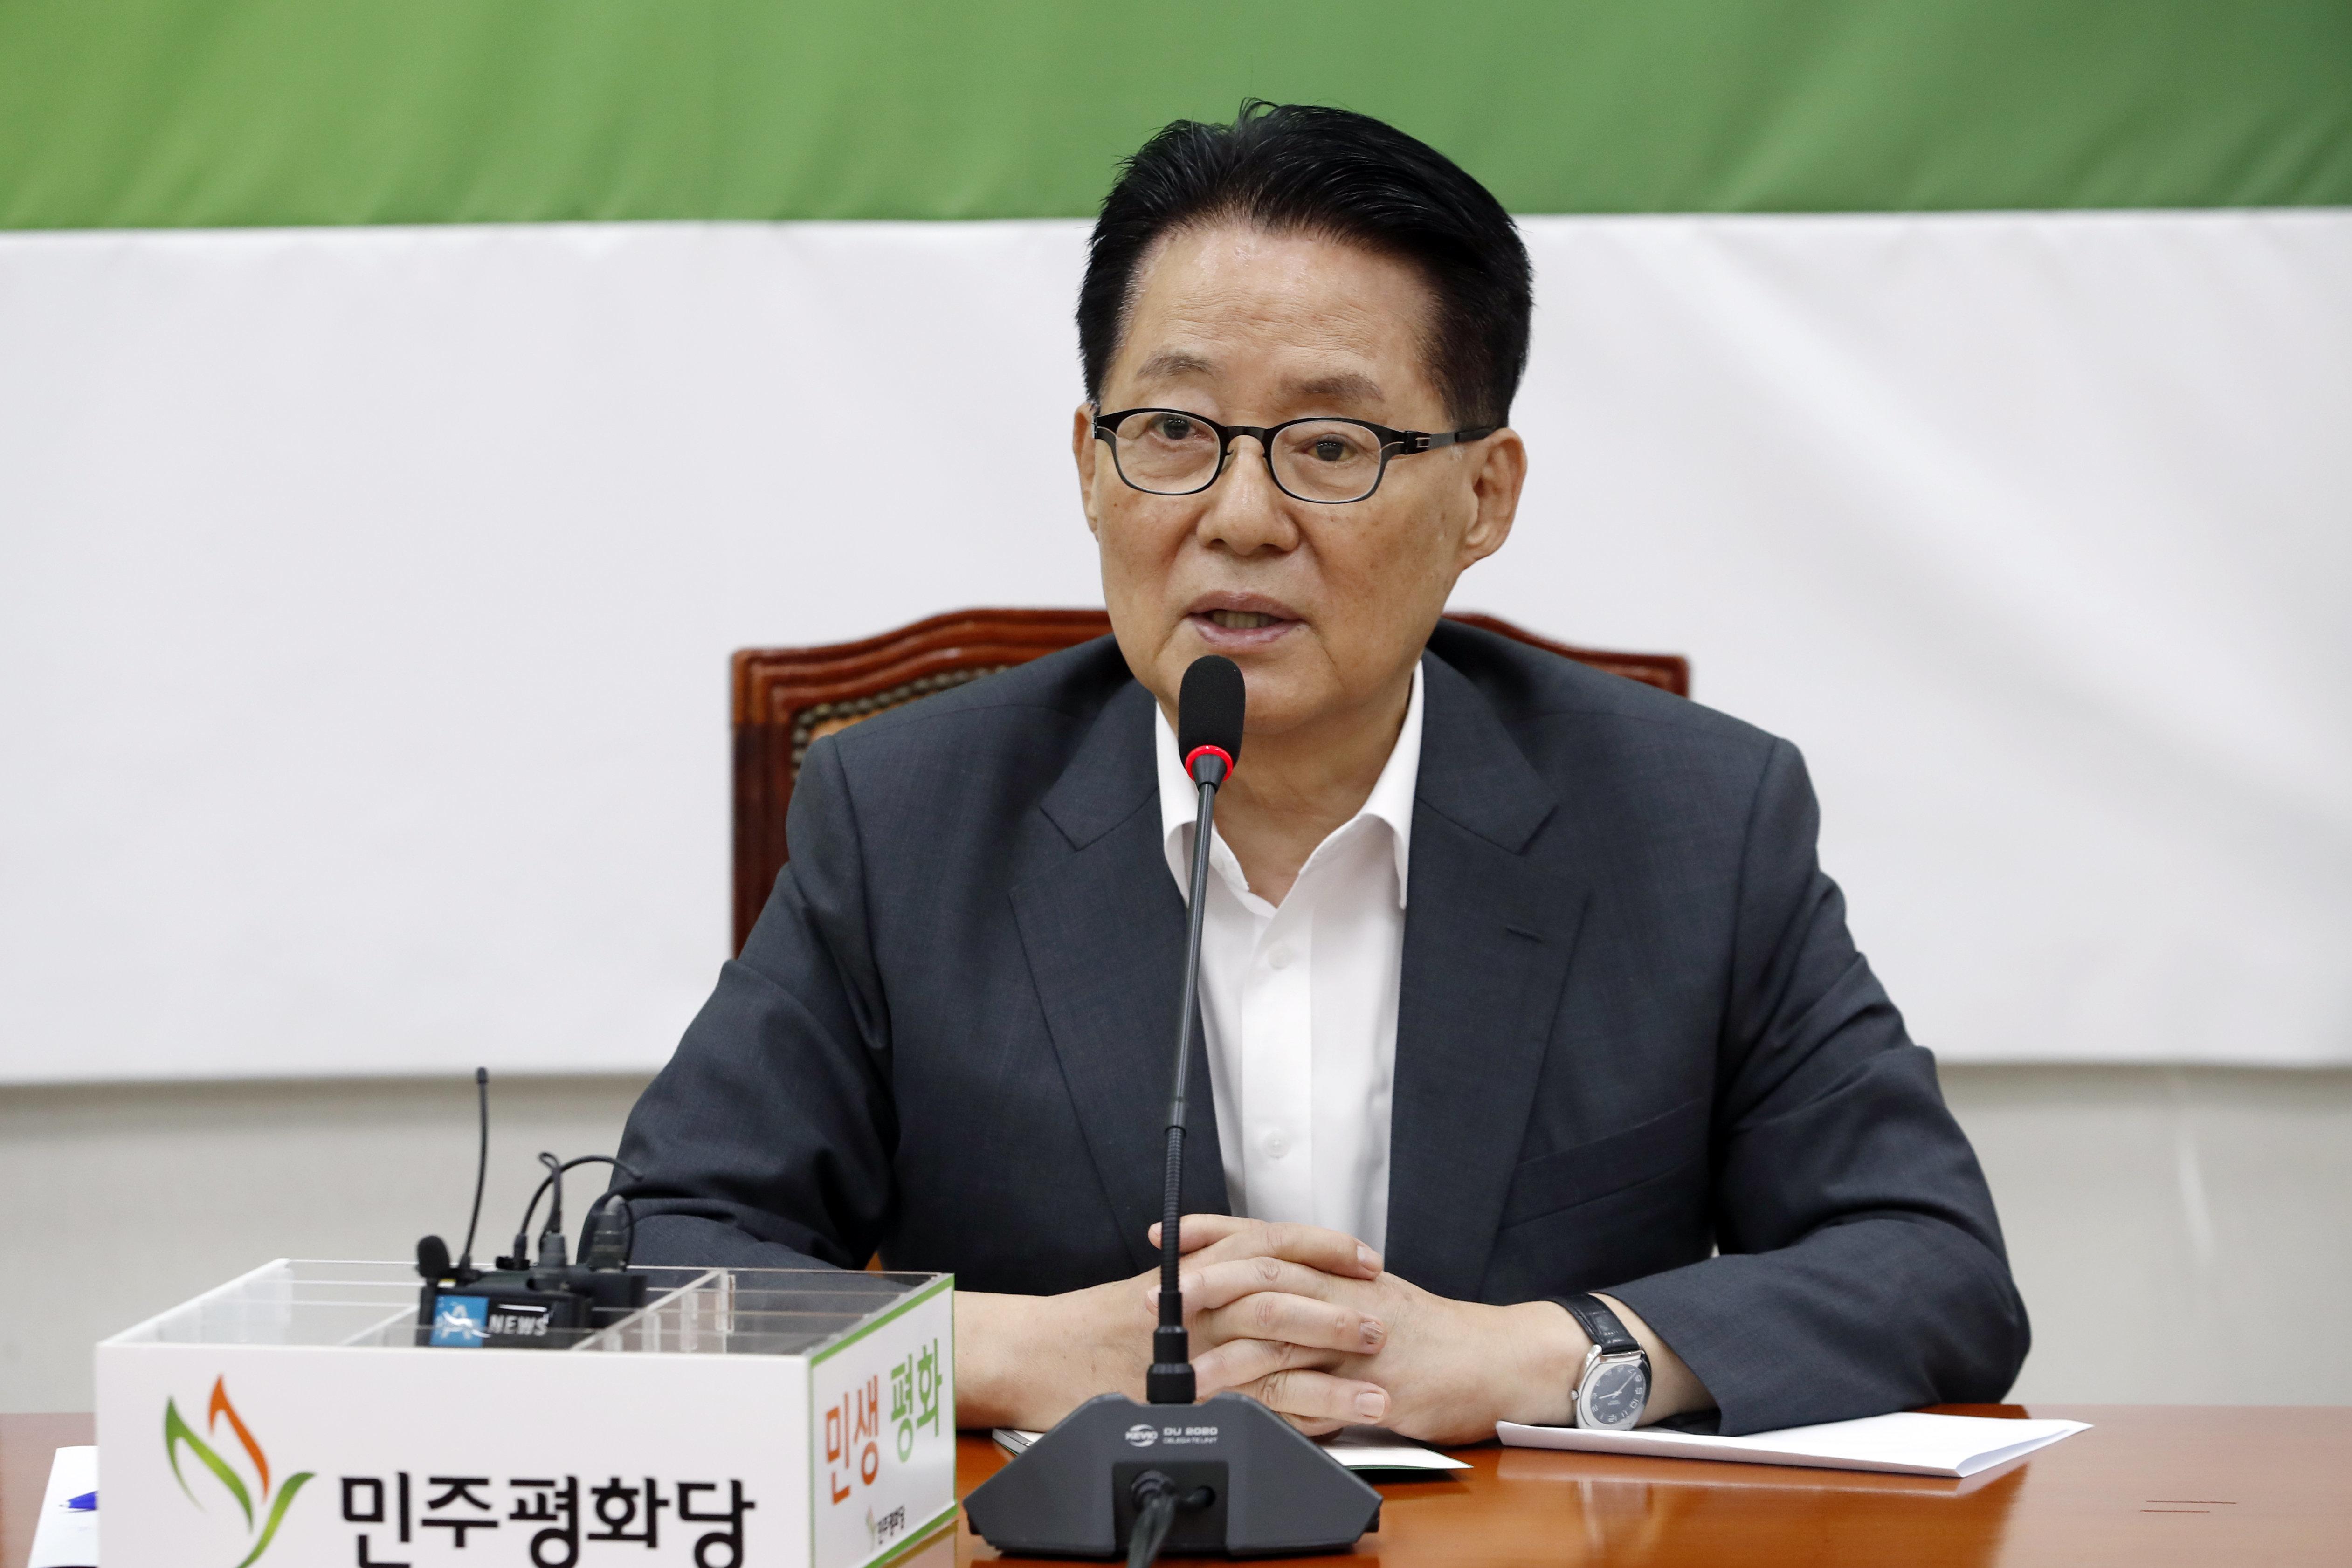 박지원이 혜화역 집회 측 '문자폭탄'에 대한 사과를